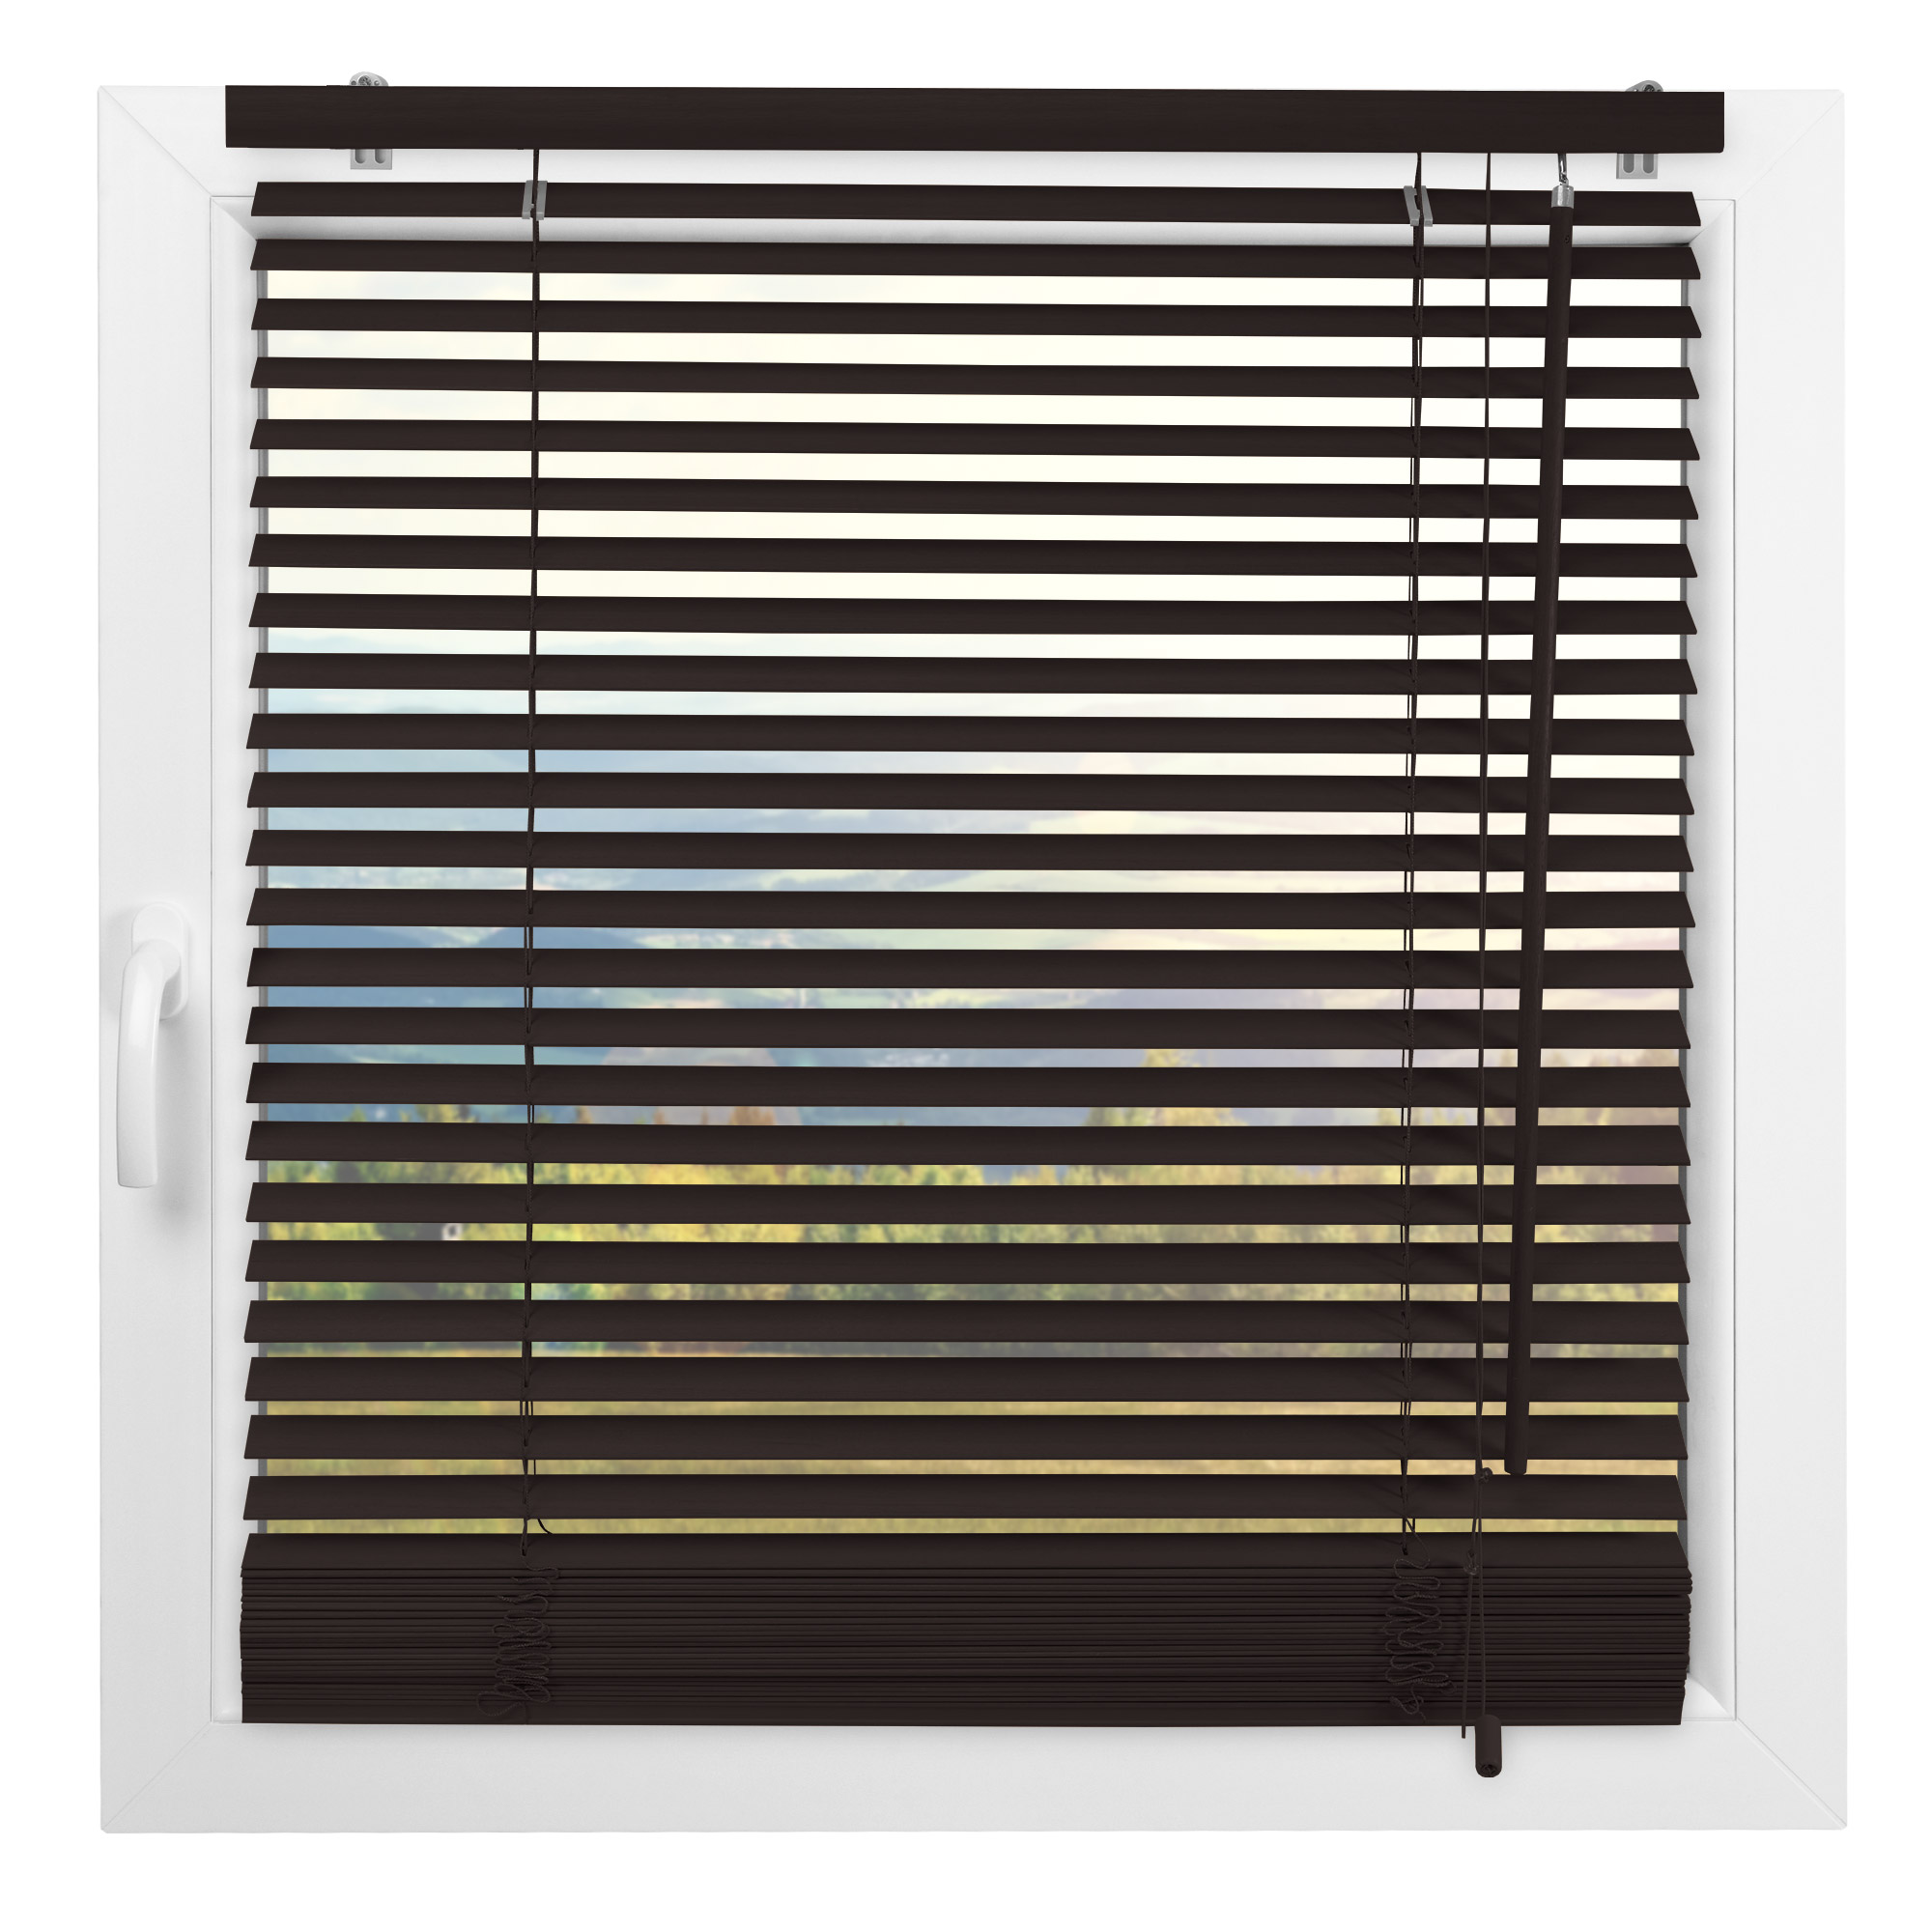 Indexbild 12 - Jalousie Fenster Tür Rollo Jalousette Schalusie Vorhang Schnurzug Jalusie Holz